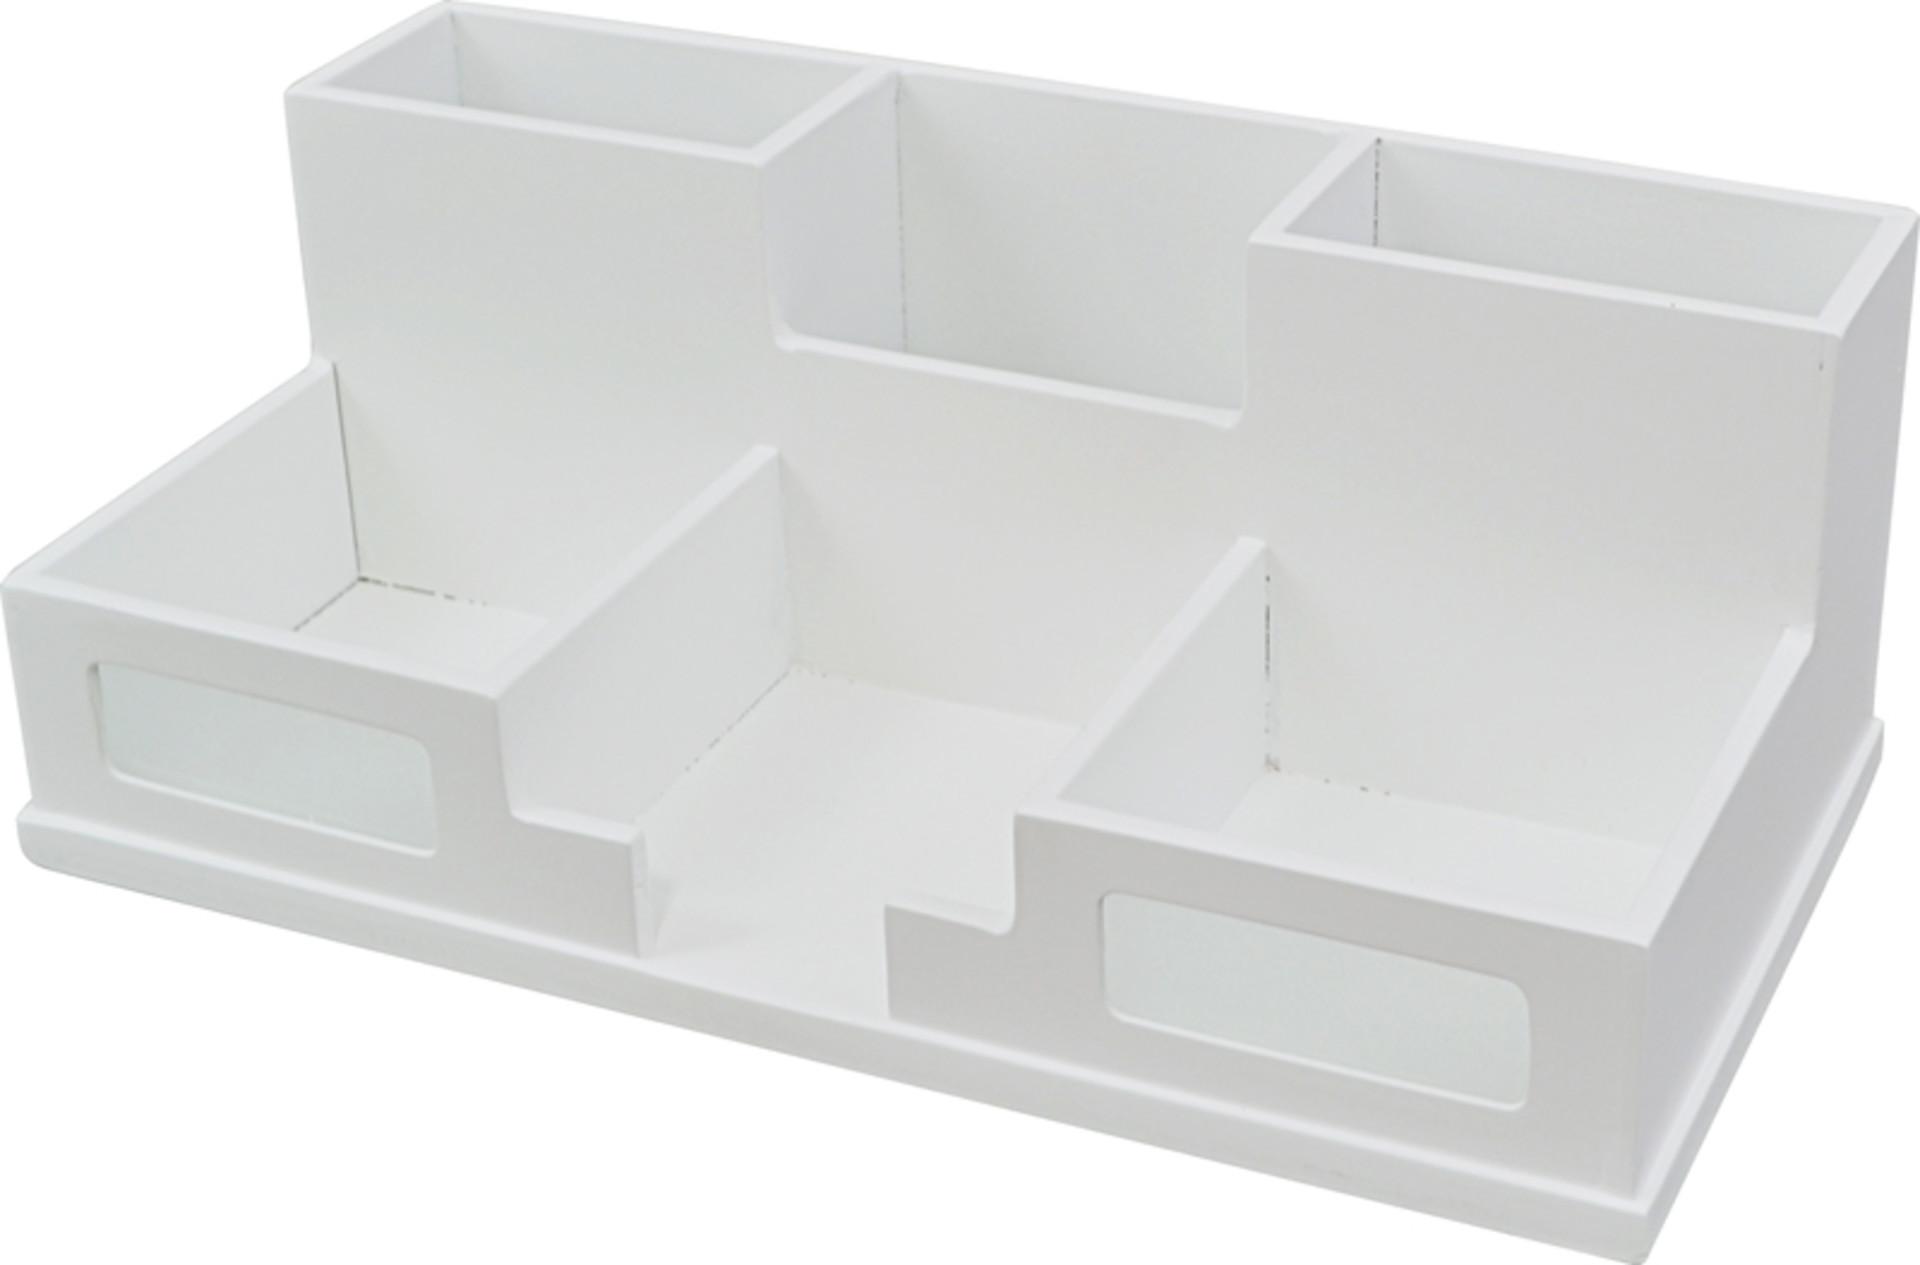 White Desk Organizer  Victor W9525 Pure White Desk Organizer with Smart Phone